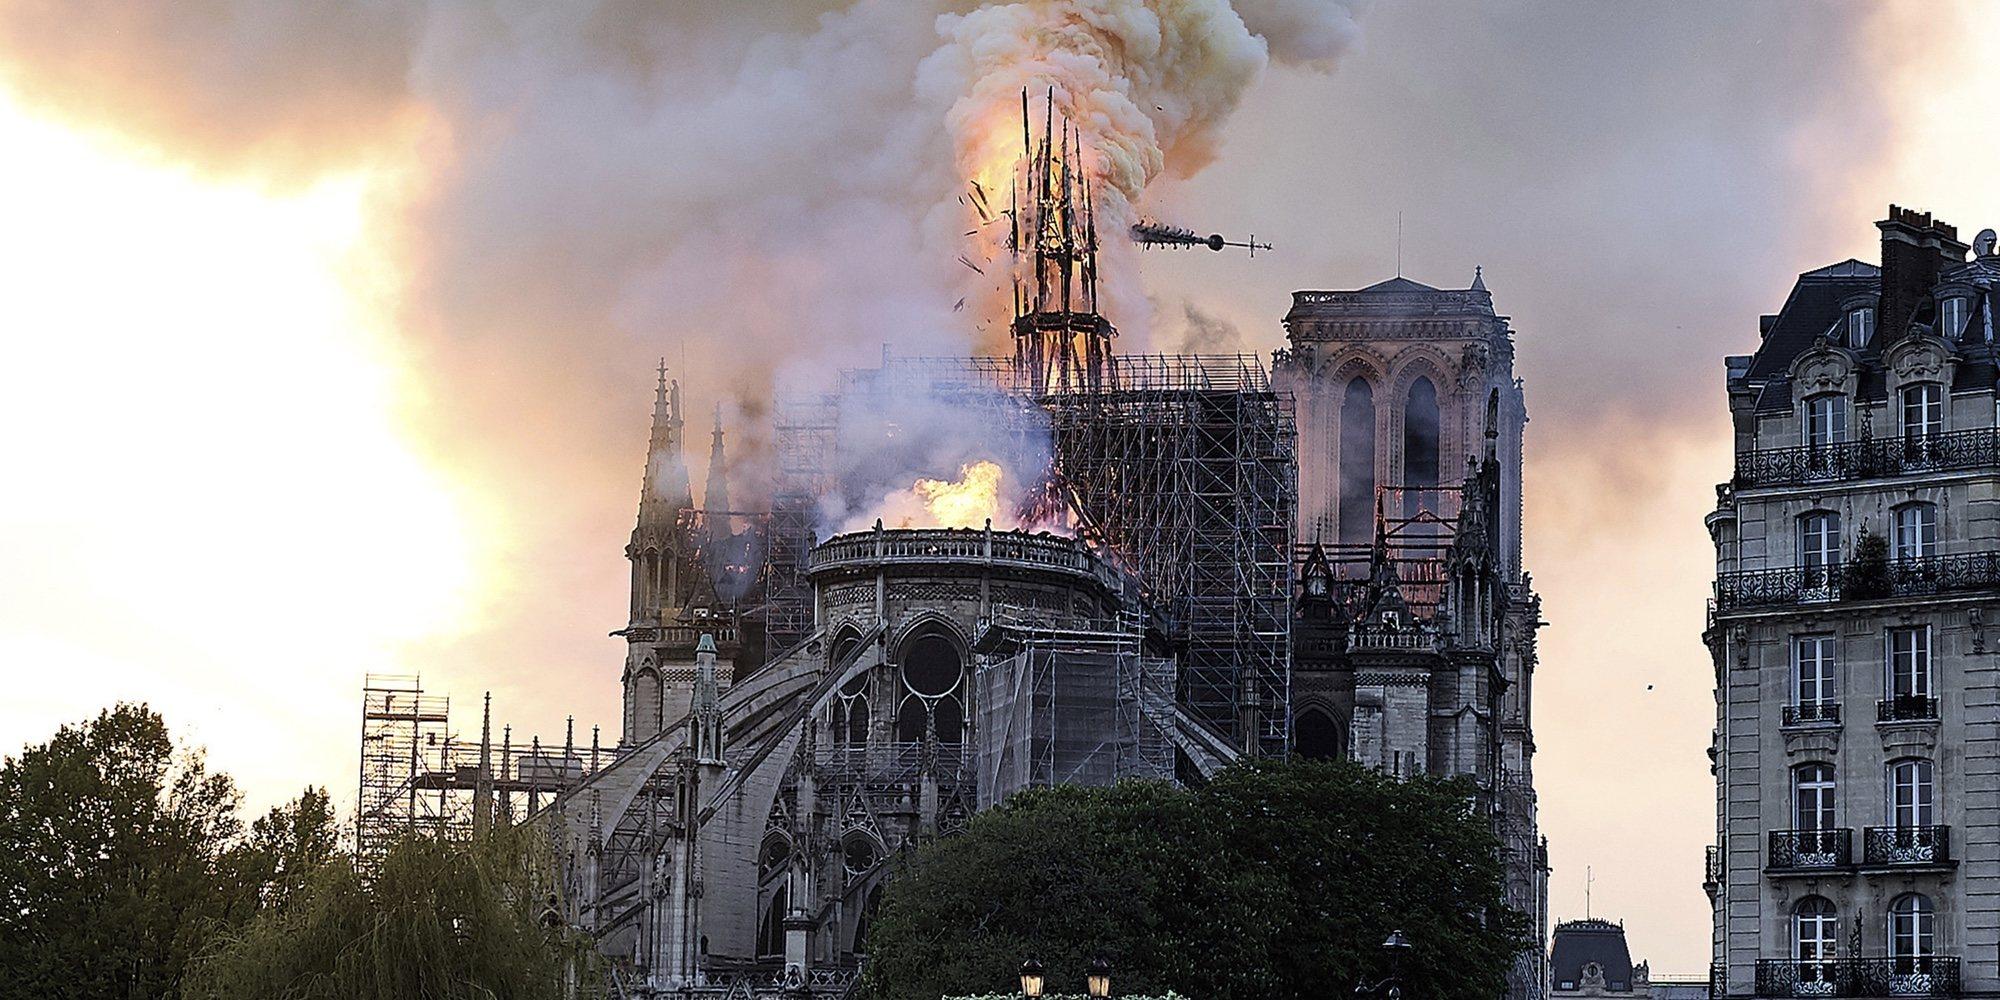 El marido de Salma Hayek donará cerca de 100 millones de euros para la reconstrucción de Notre Dame